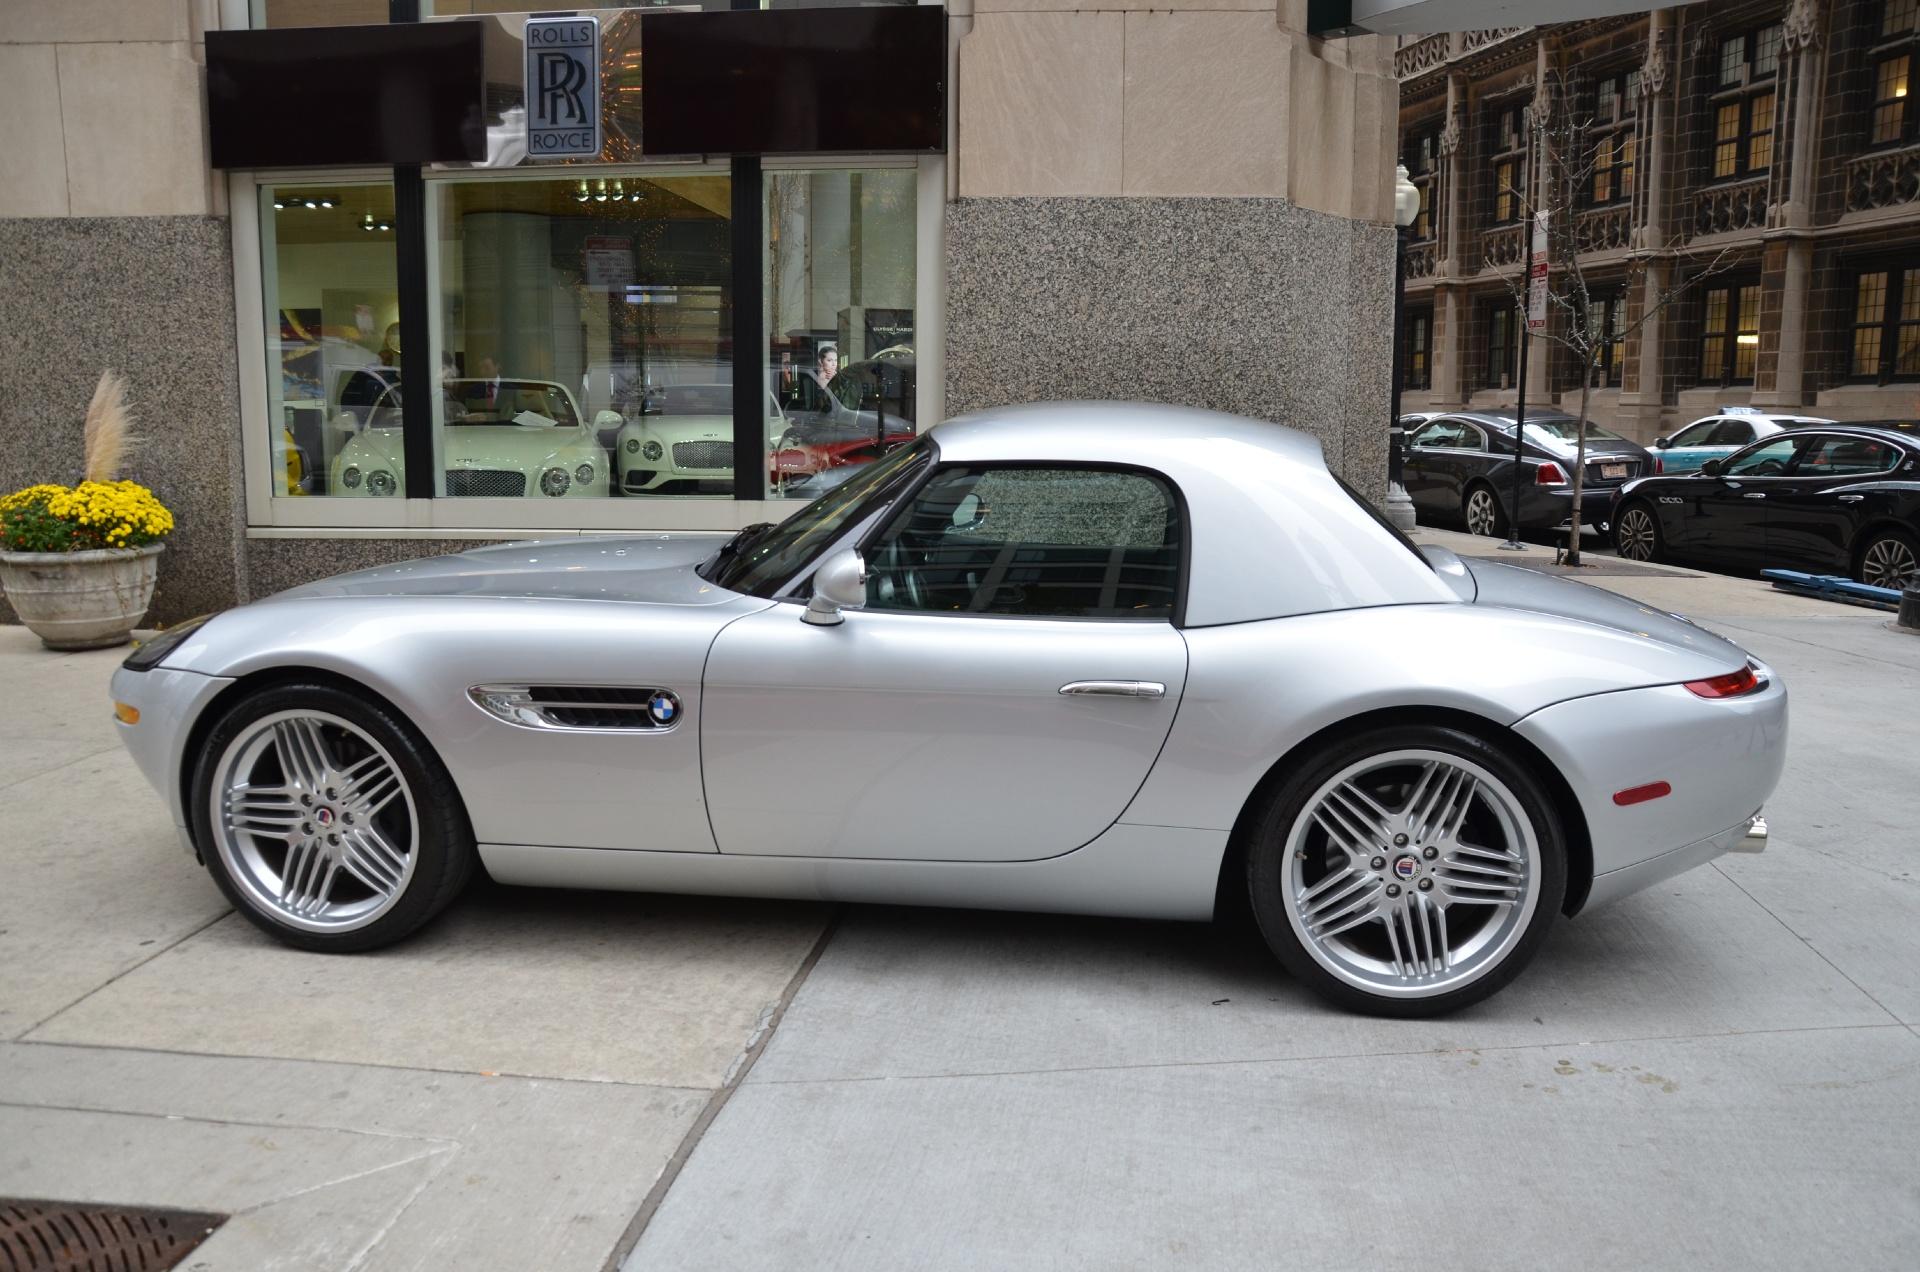 2003 Bmw Z8 Alpina Stock 62307 For Sale Near Chicago Il